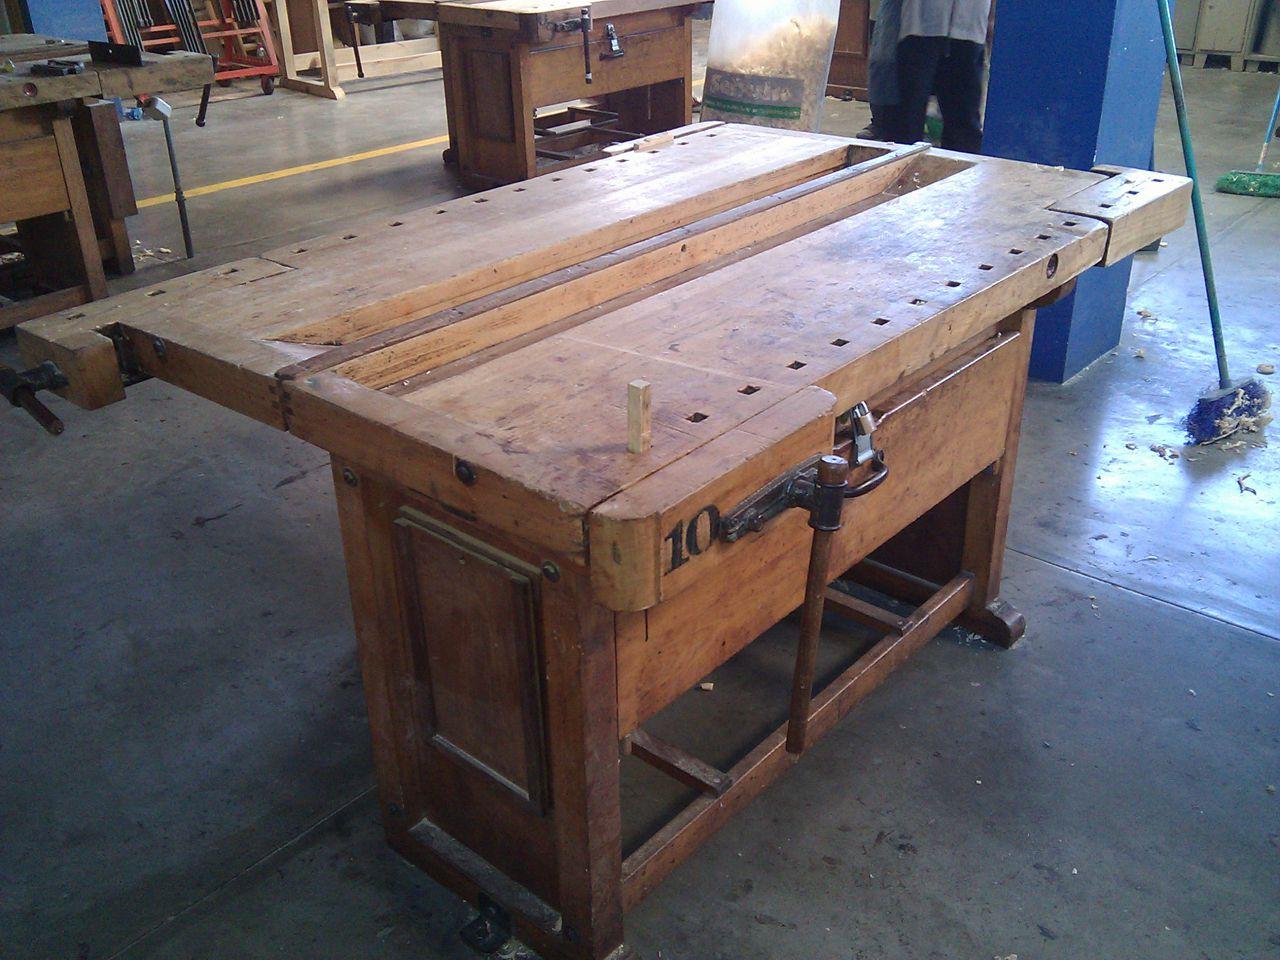 Cepillos de carpintero linka y otras cosas a escala ho - Cepillos electricos de carpintero ...